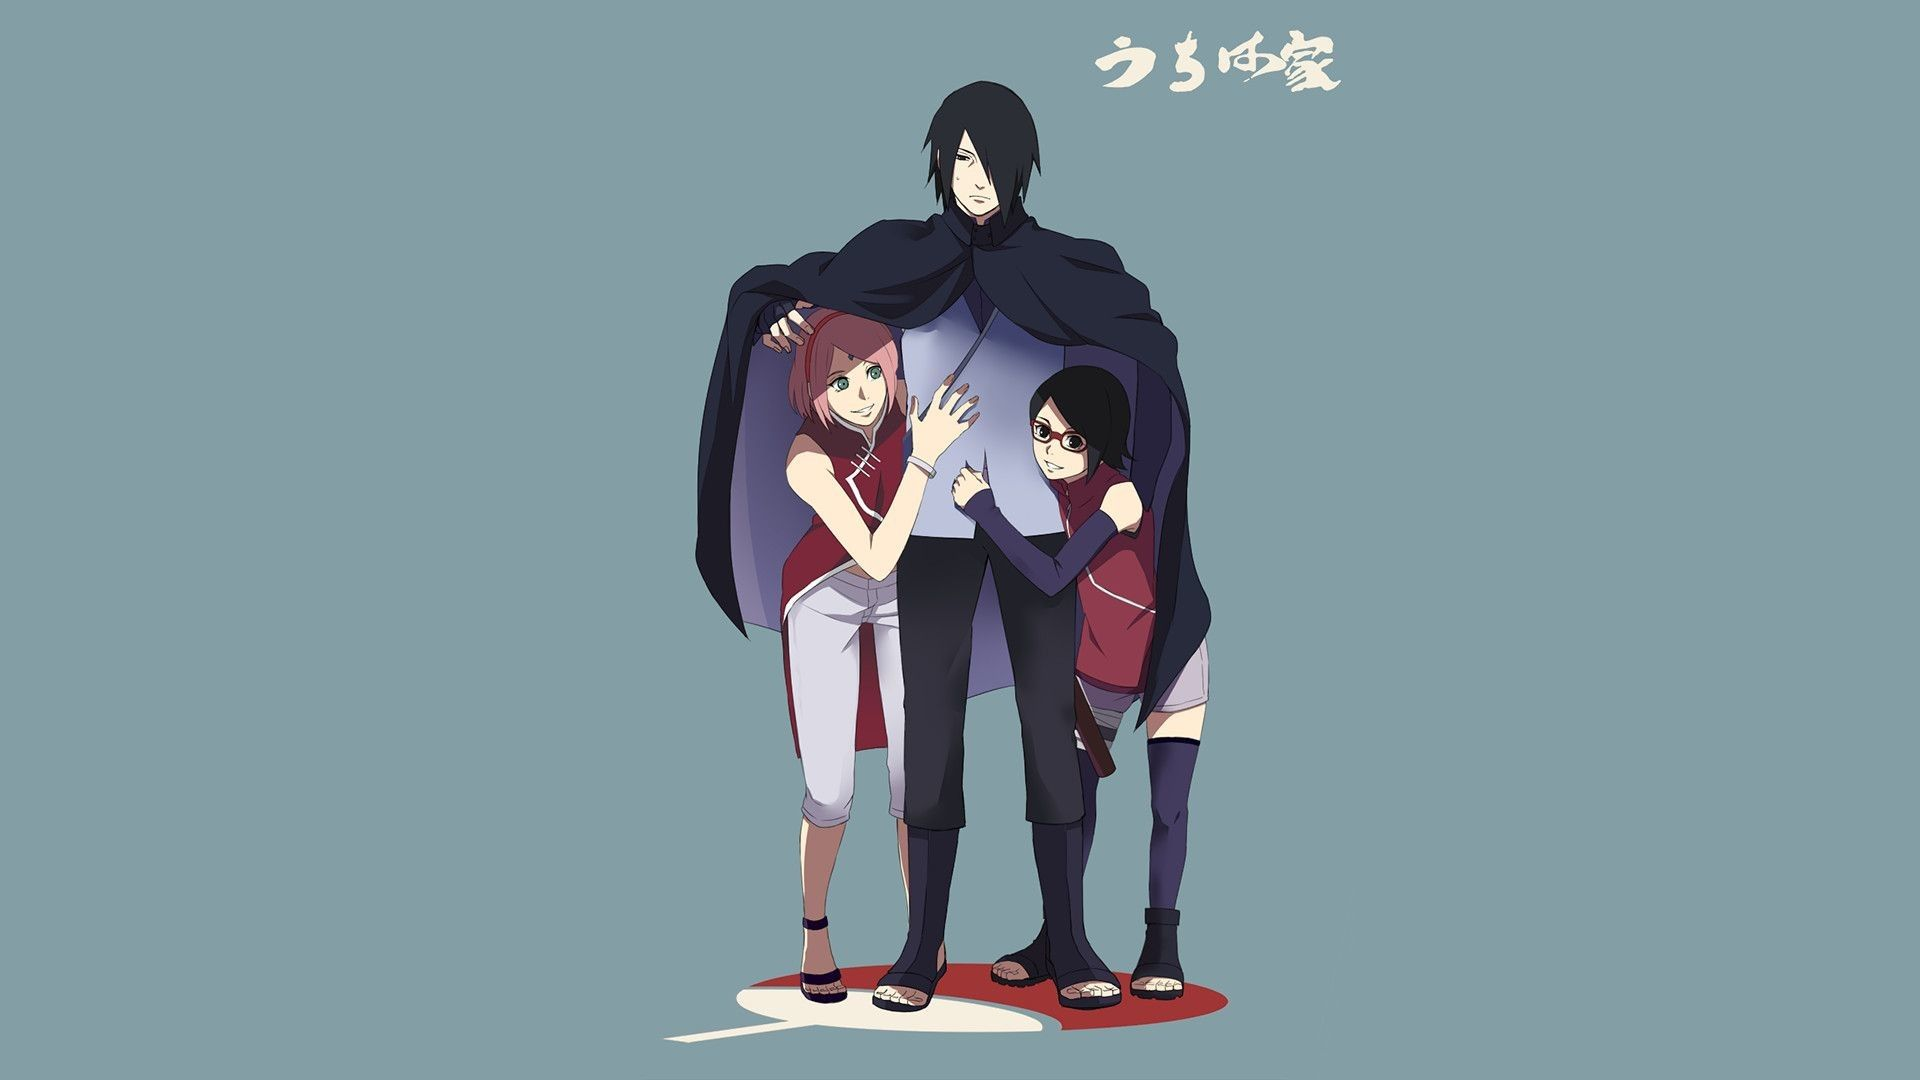 1920x1080 Anime Boruto Sakura Haruno Sasuke Uchiha Sarada Uchiha